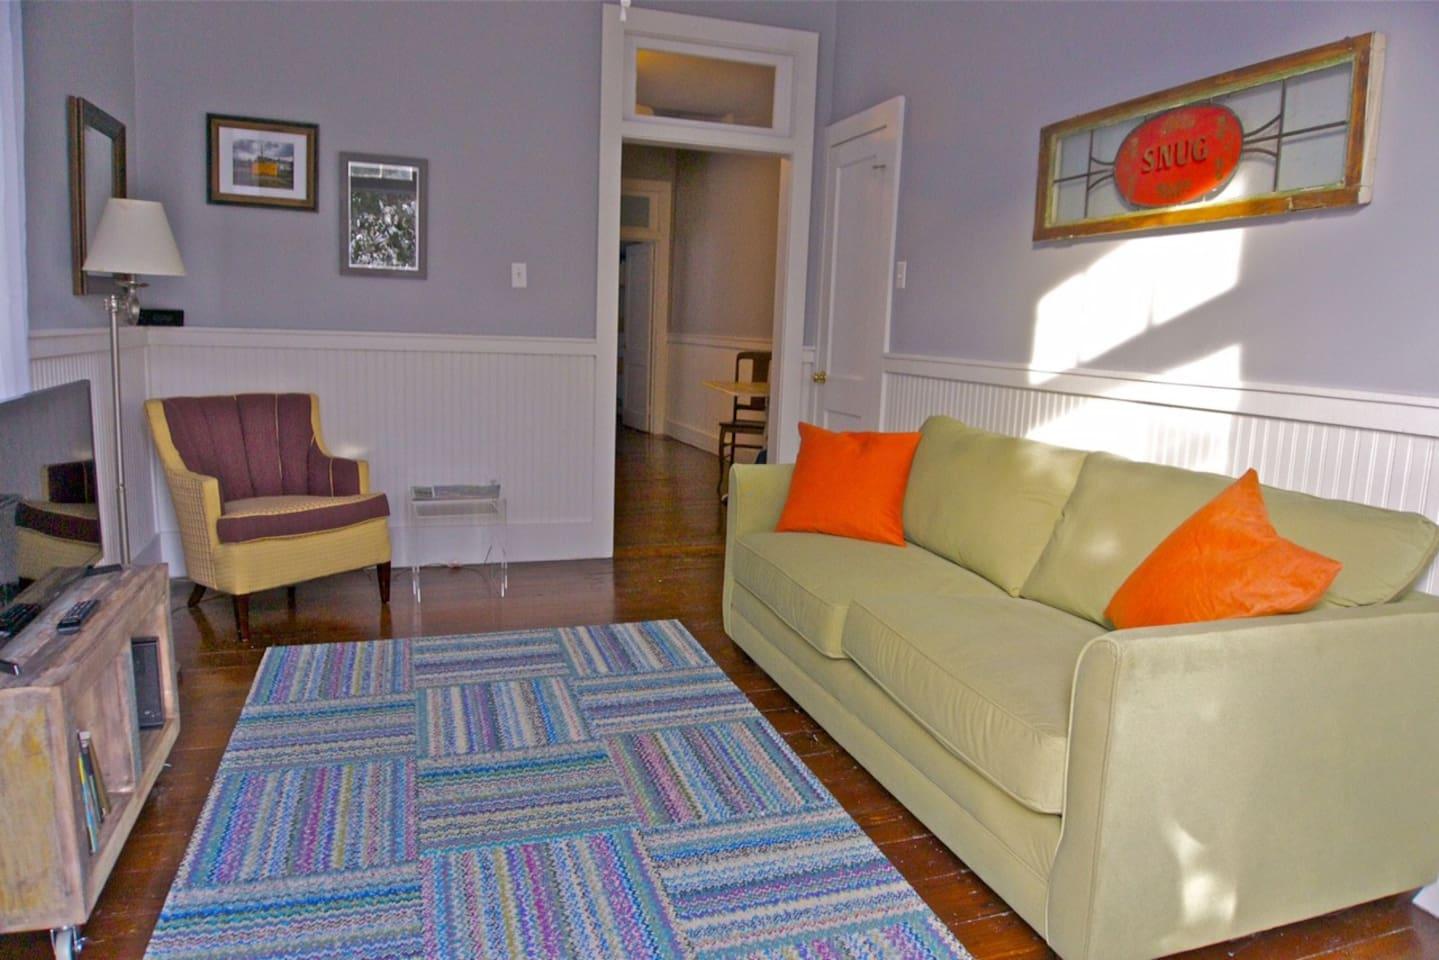 living room, looking towards kitchen